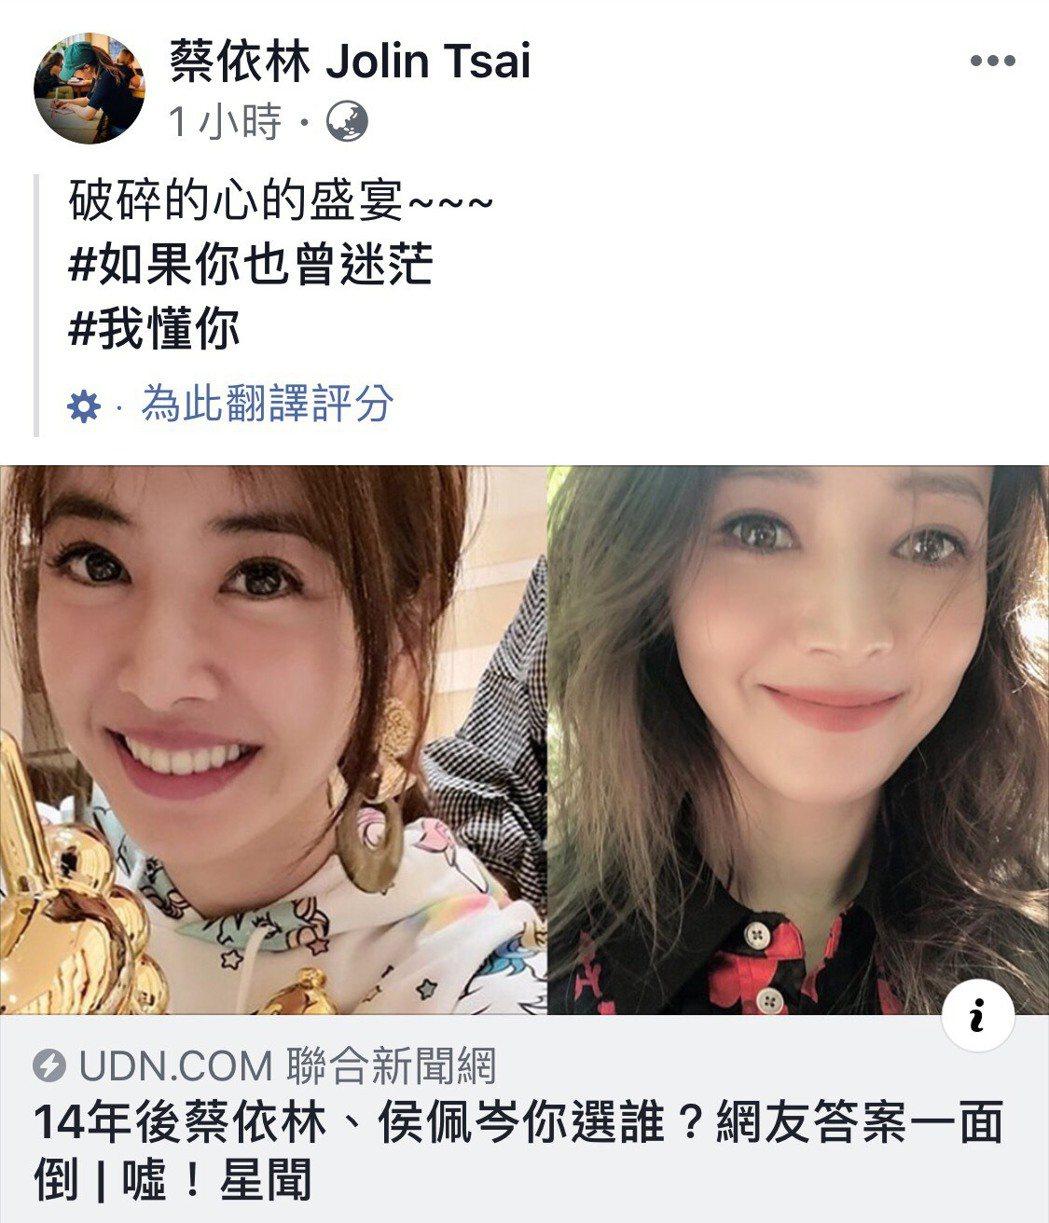 蔡依林面對網友的外在批評,特別在臉書分享回應。圖/摘自臉書